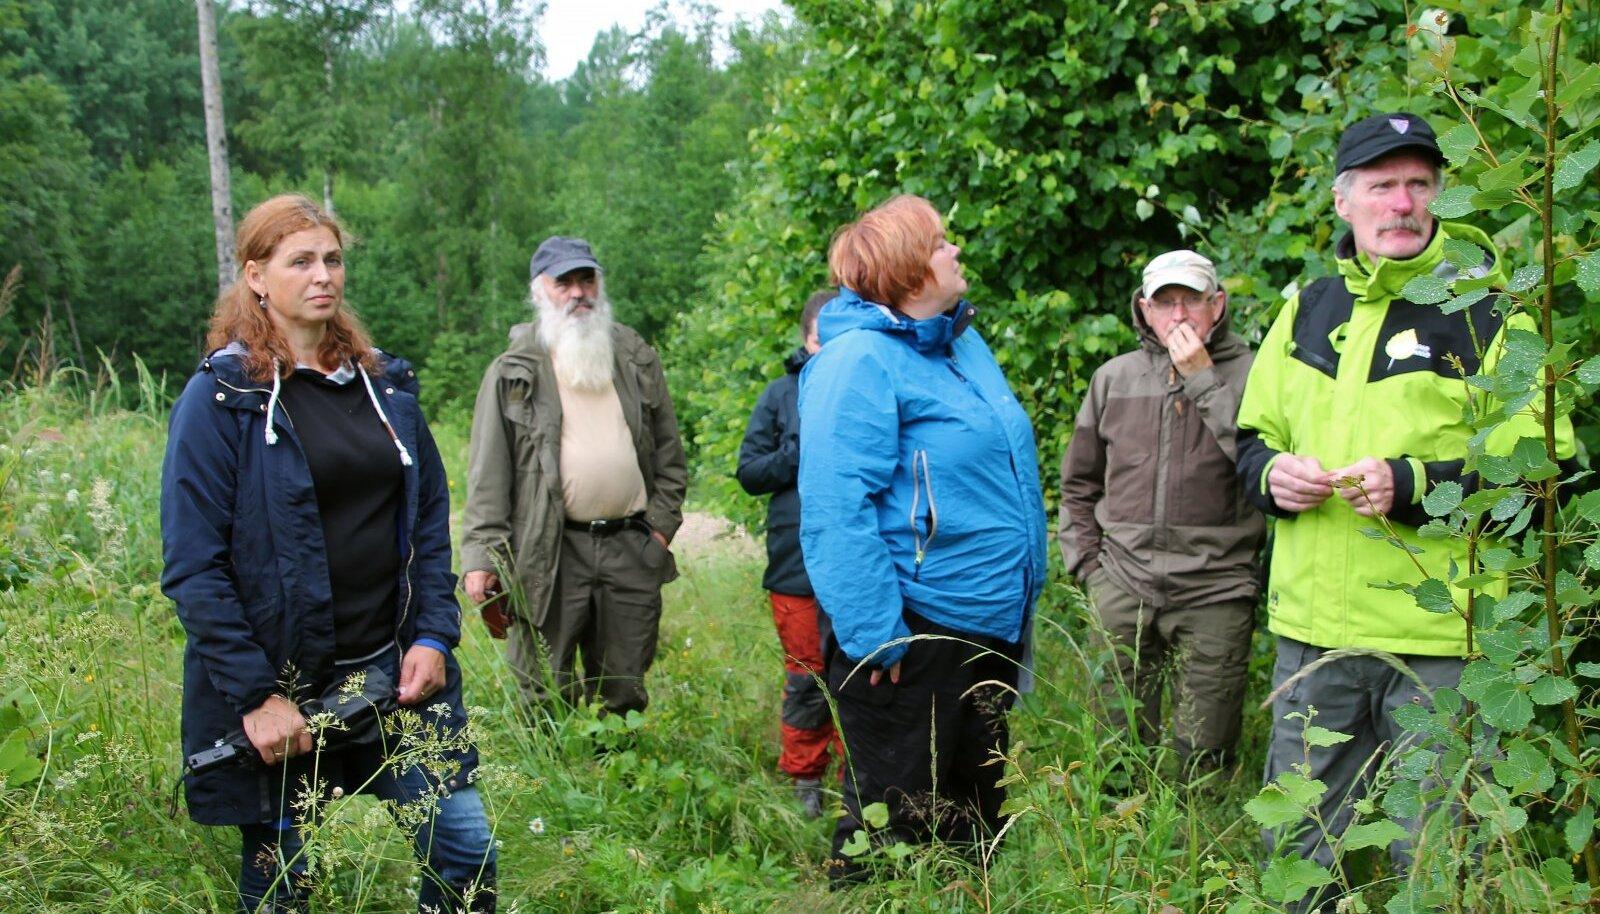 Maie Rebane (vasakul) näitab hiljuti istutatud lanki. Naine teab täpselt, et kahe aastaga on nad istutanud 11 300 kuuske.